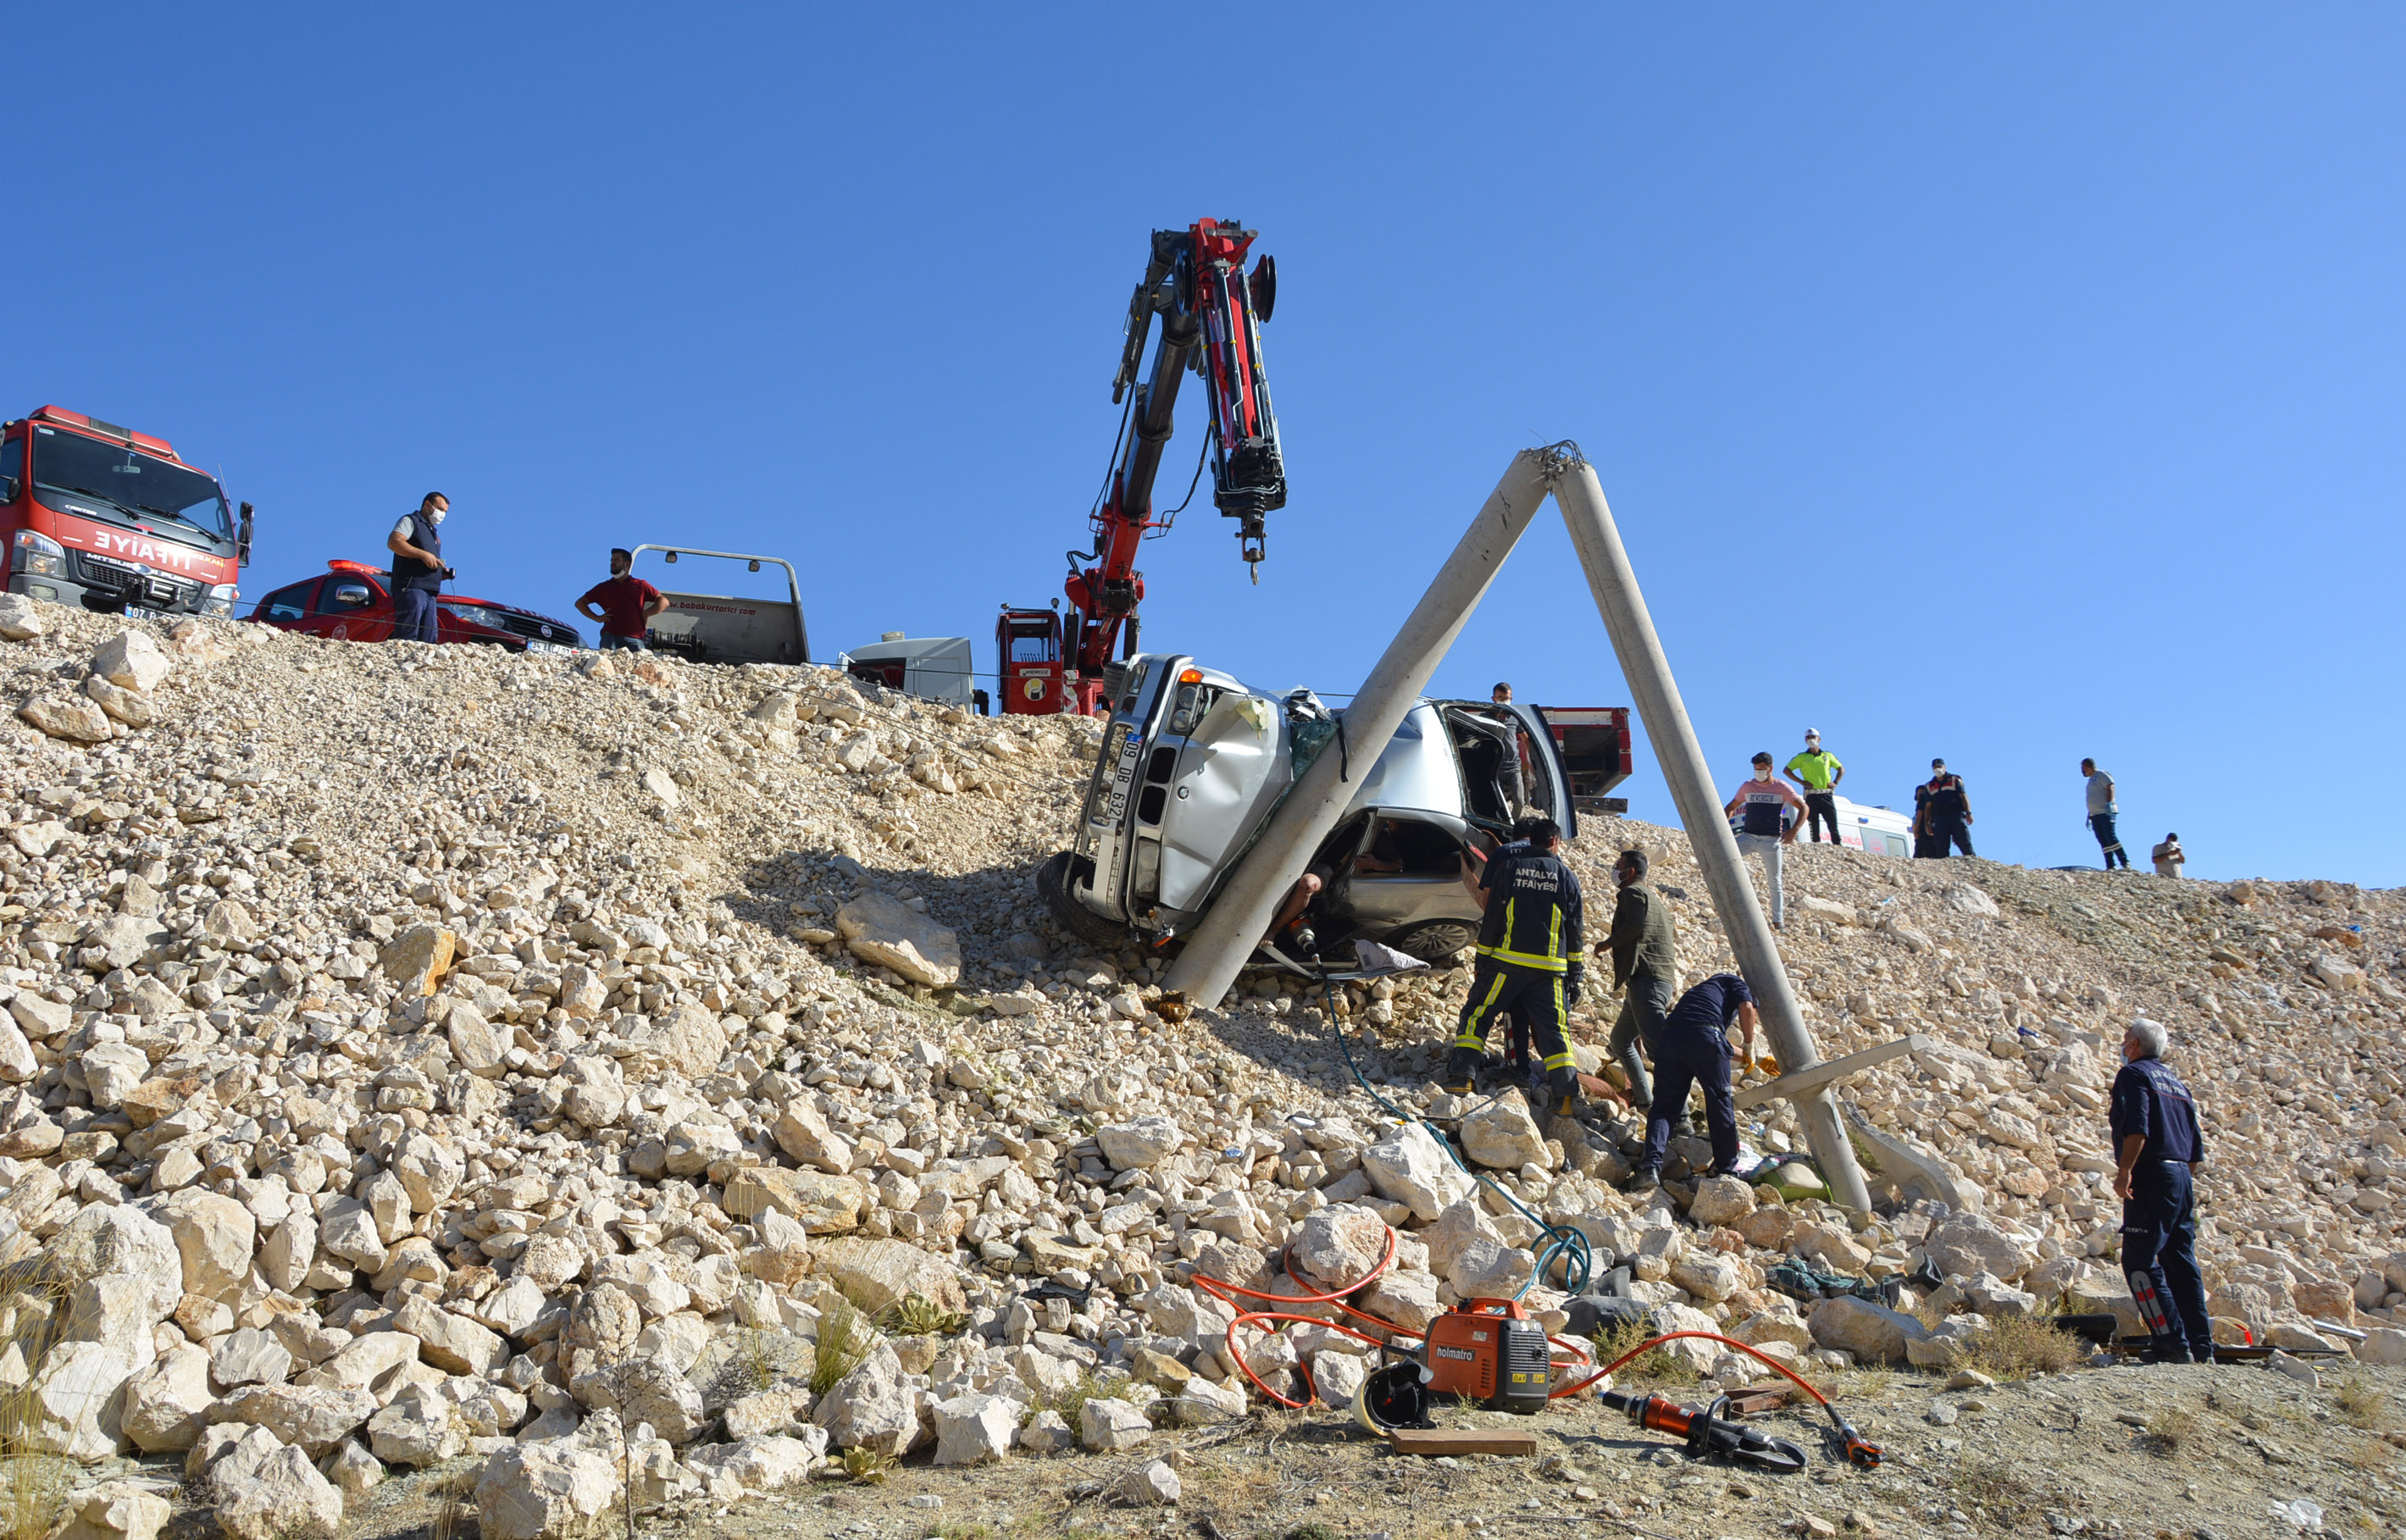 beton-direge-carpan-otomobildeki-kadin-oldu-oglu-ve-esi-yaralandi-8984-dhaphoto2.jpg